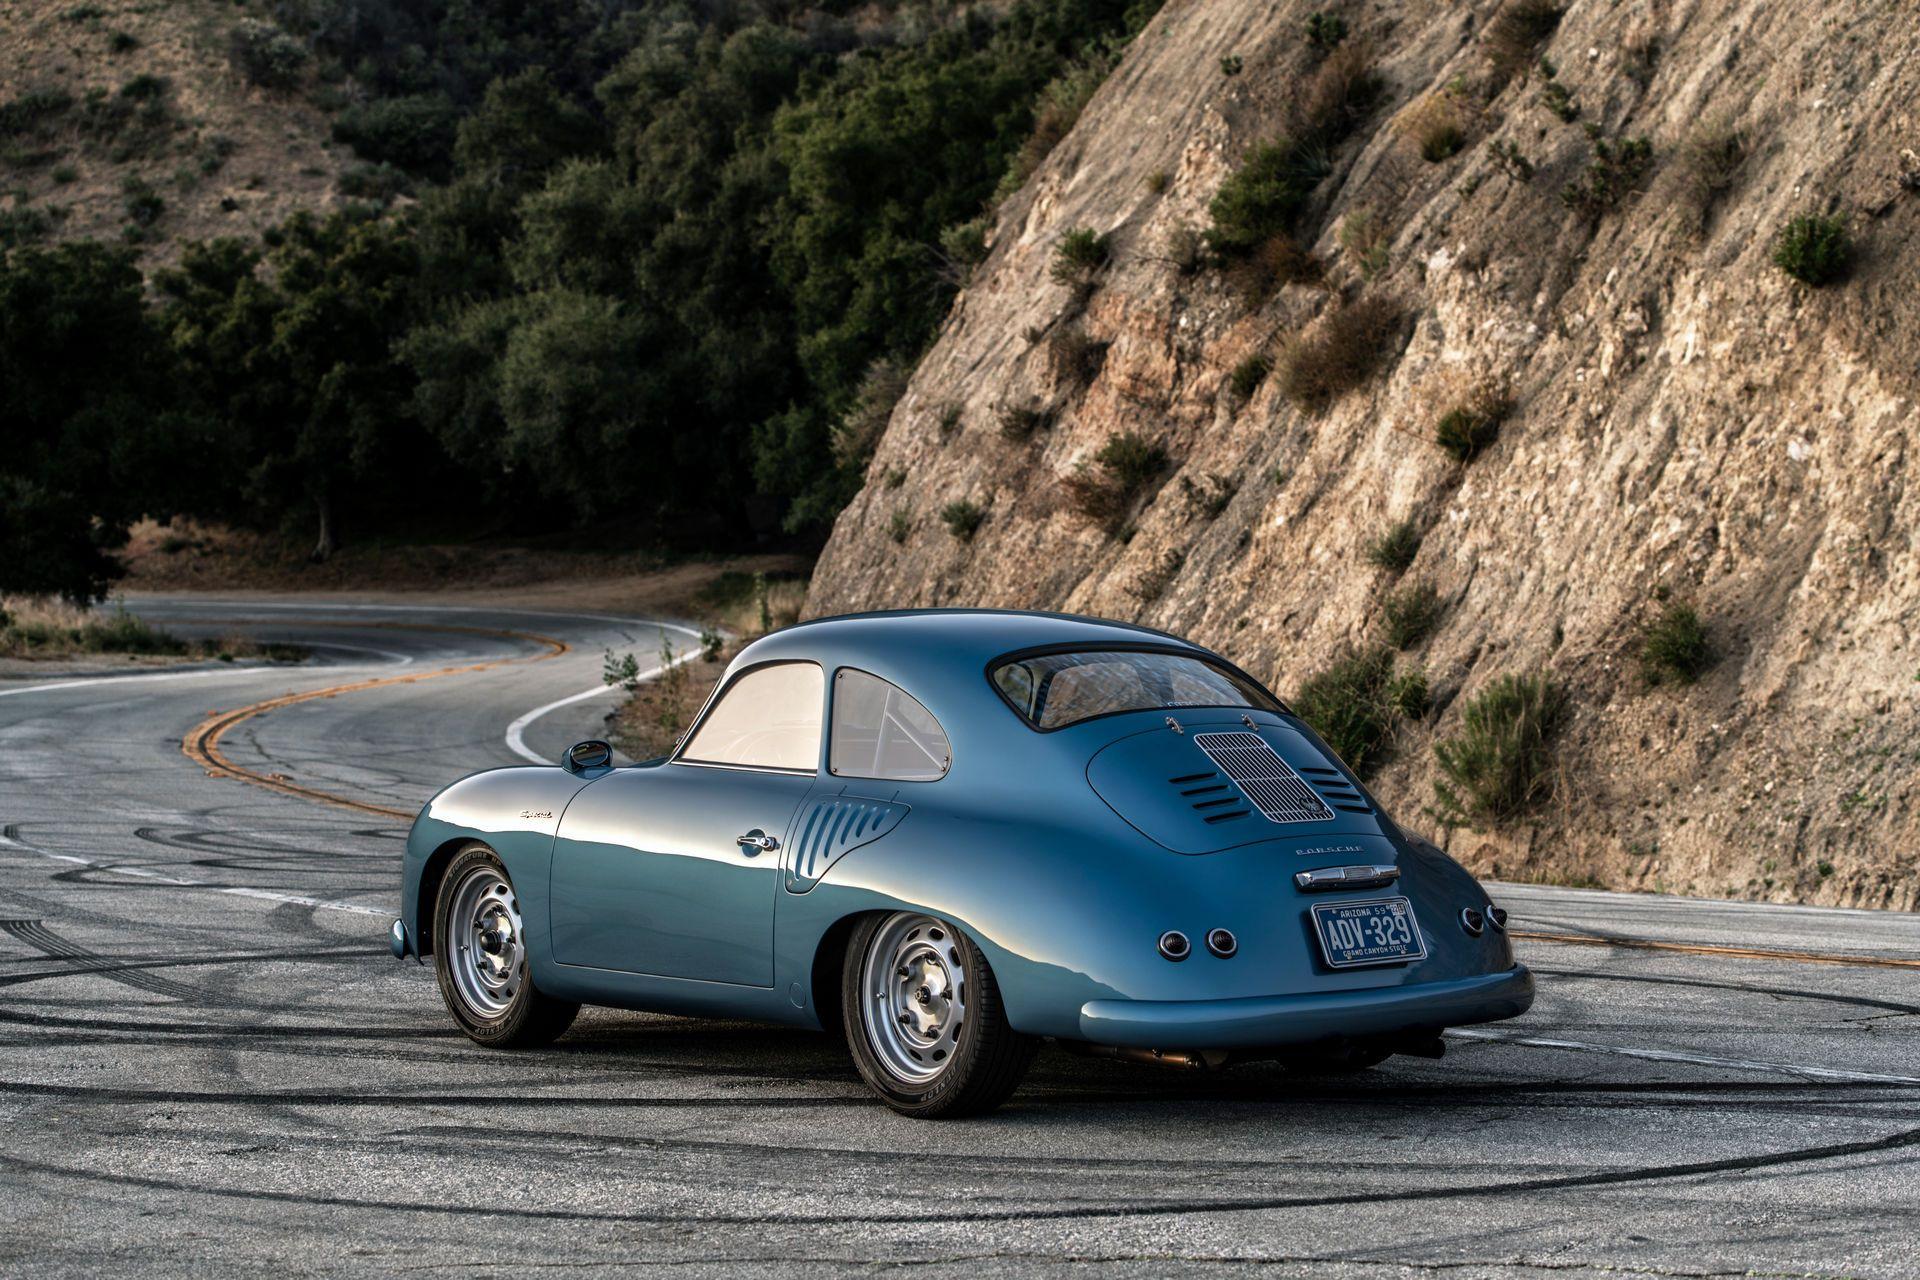 Porsche-356-A-Coupe-Restomod-Emory-Motorsports-48